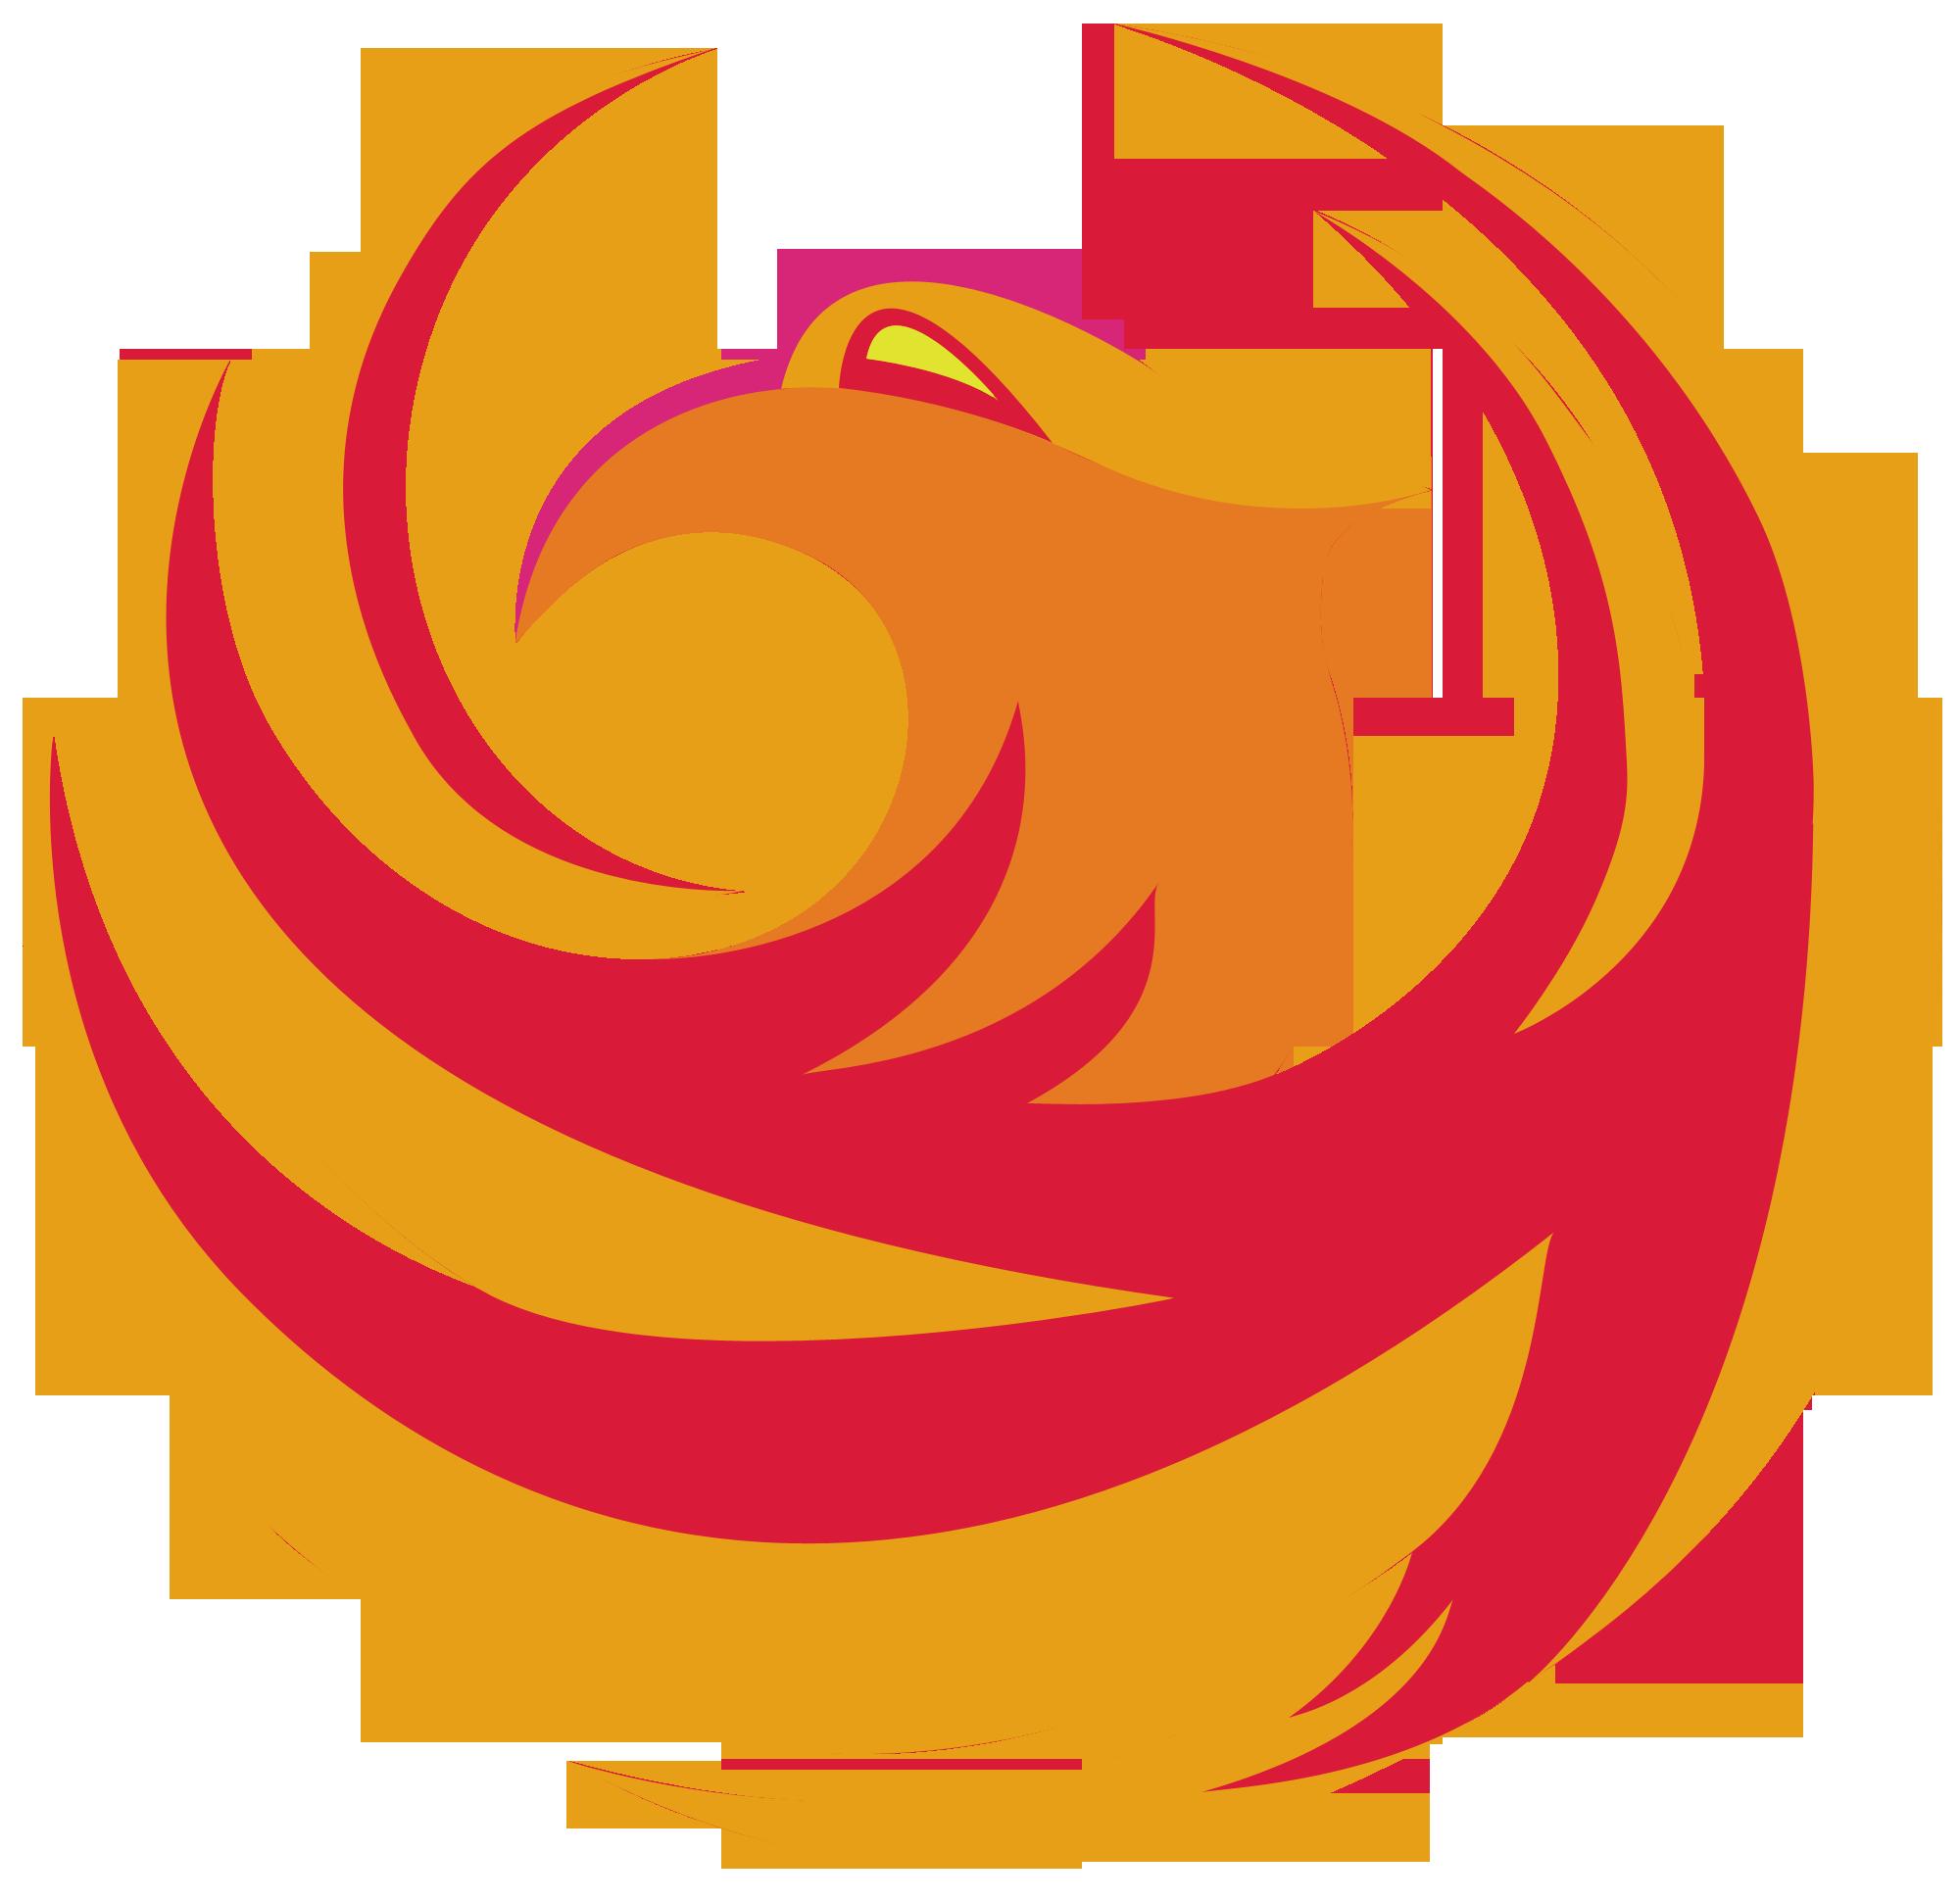 City of Phoenix logo (Philomeena edition)